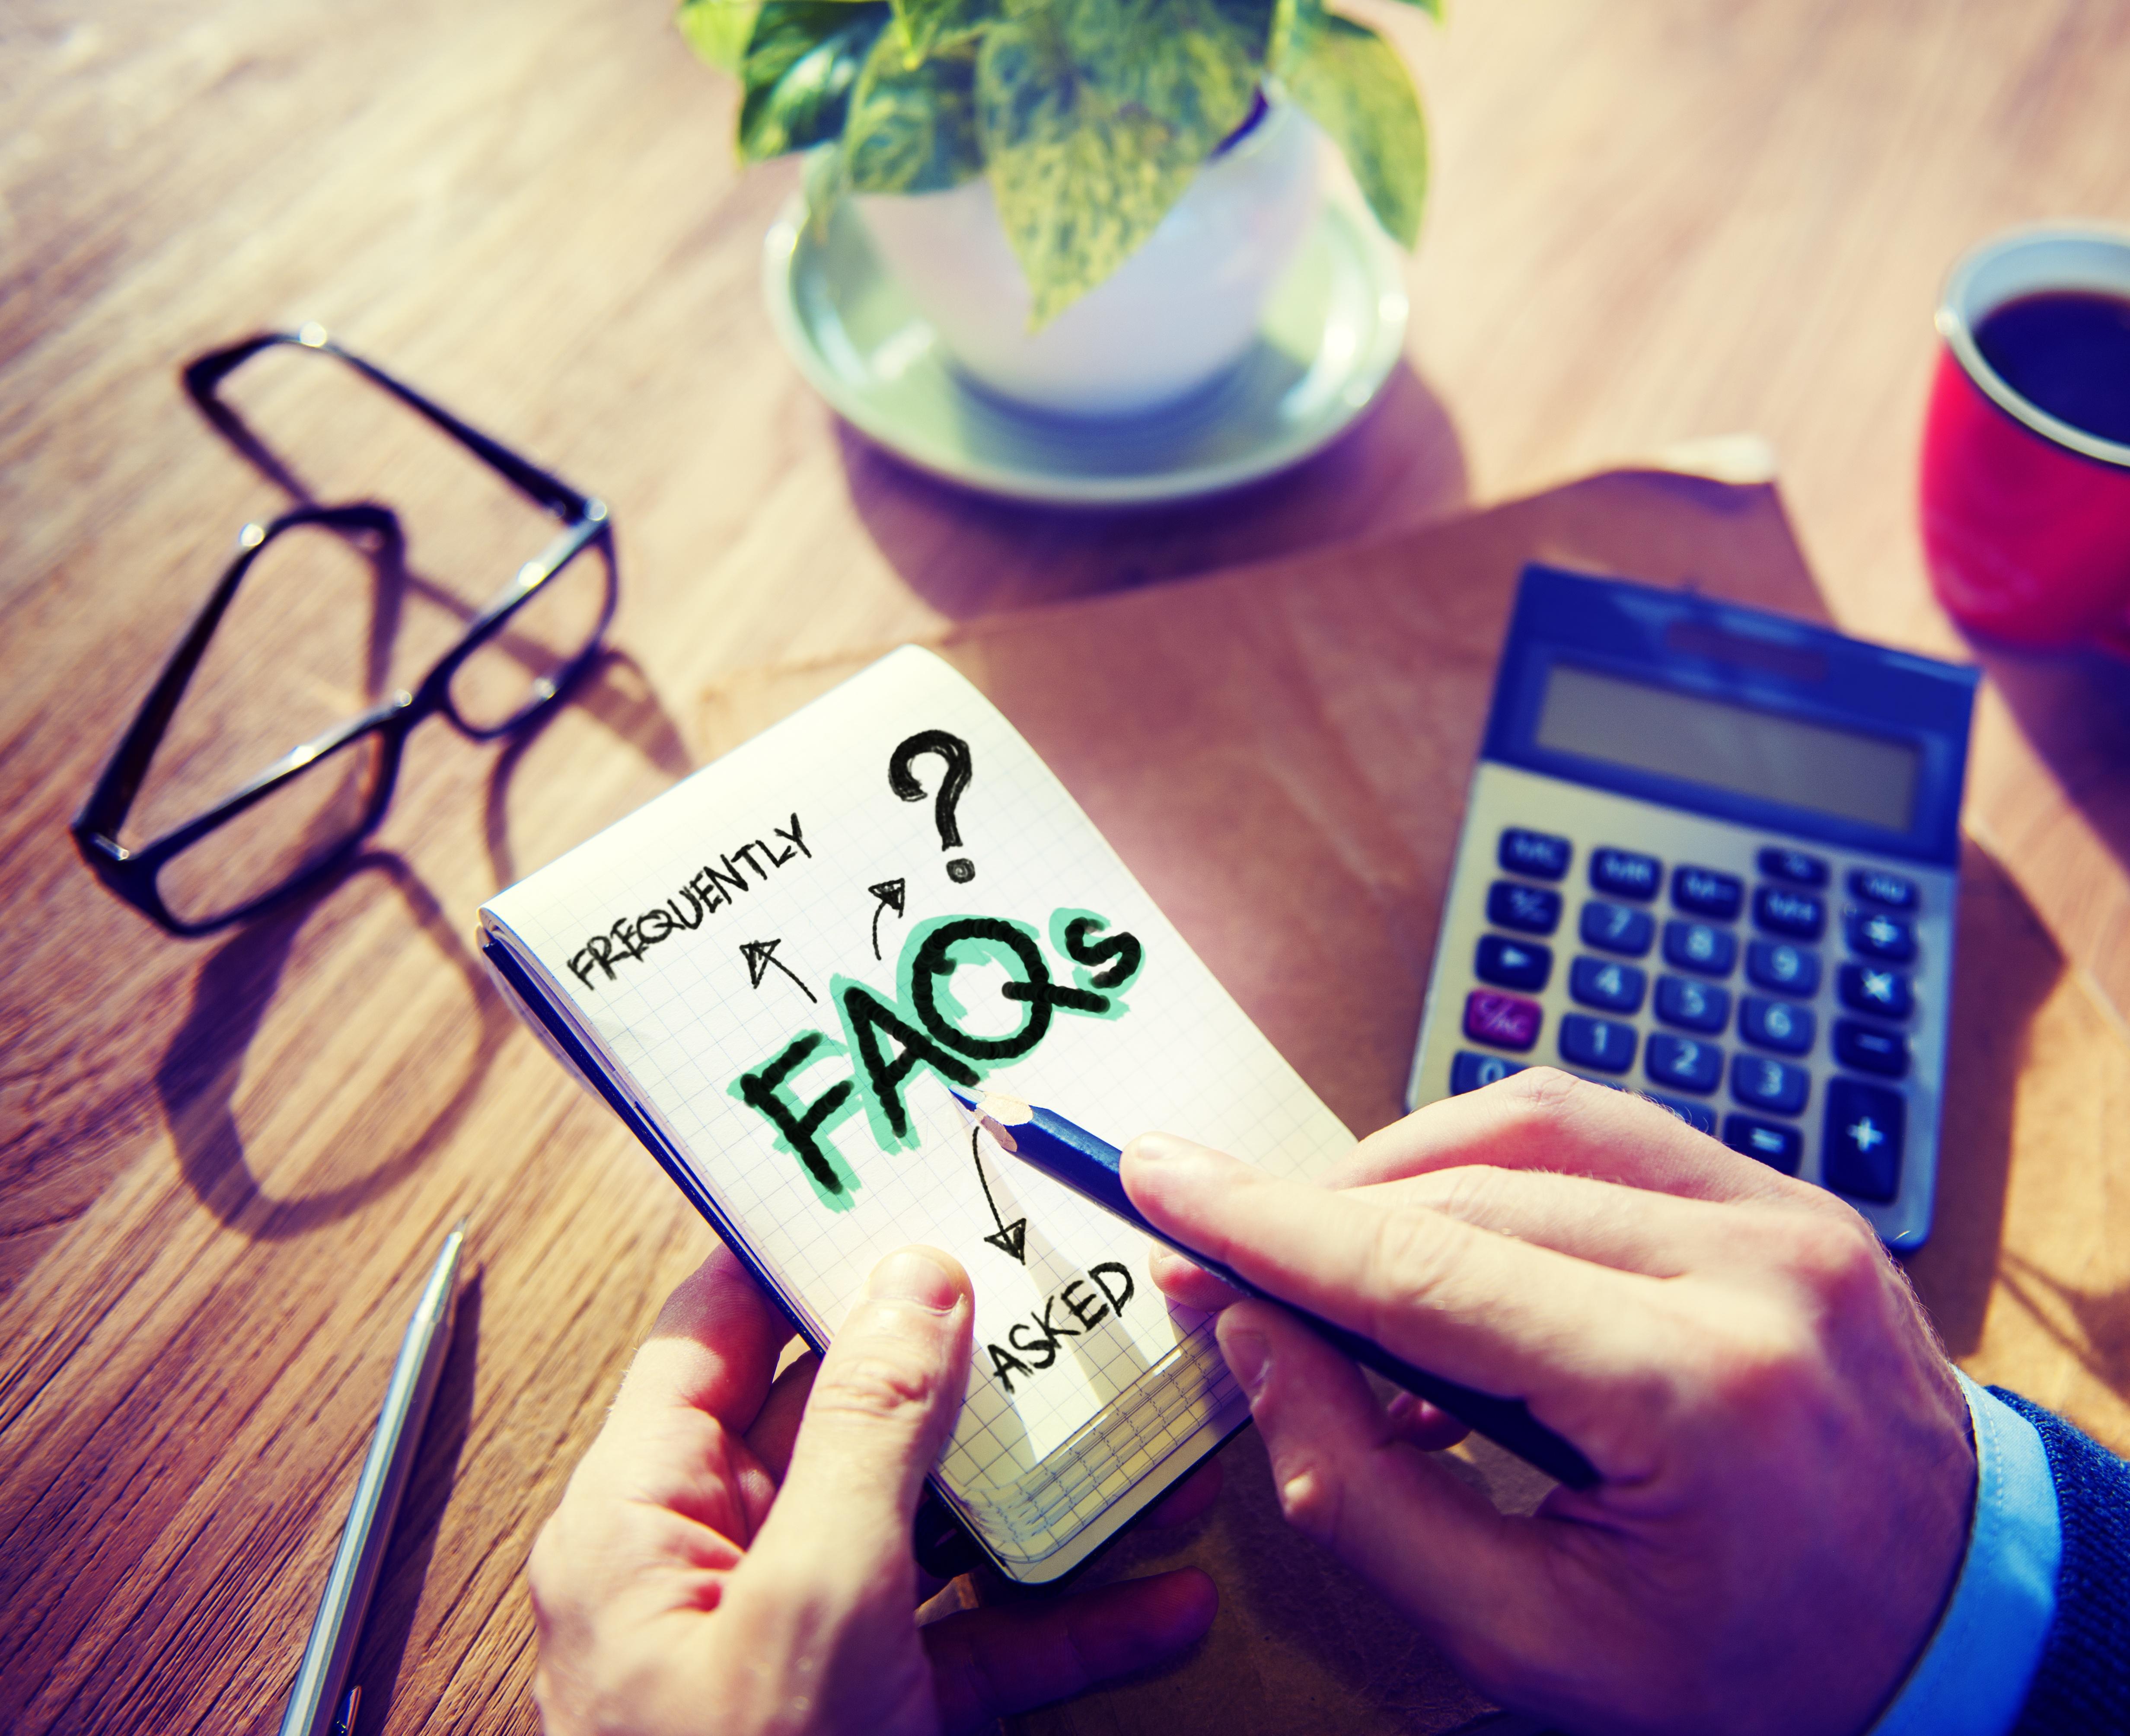 faq-social-media-for-business.jpg